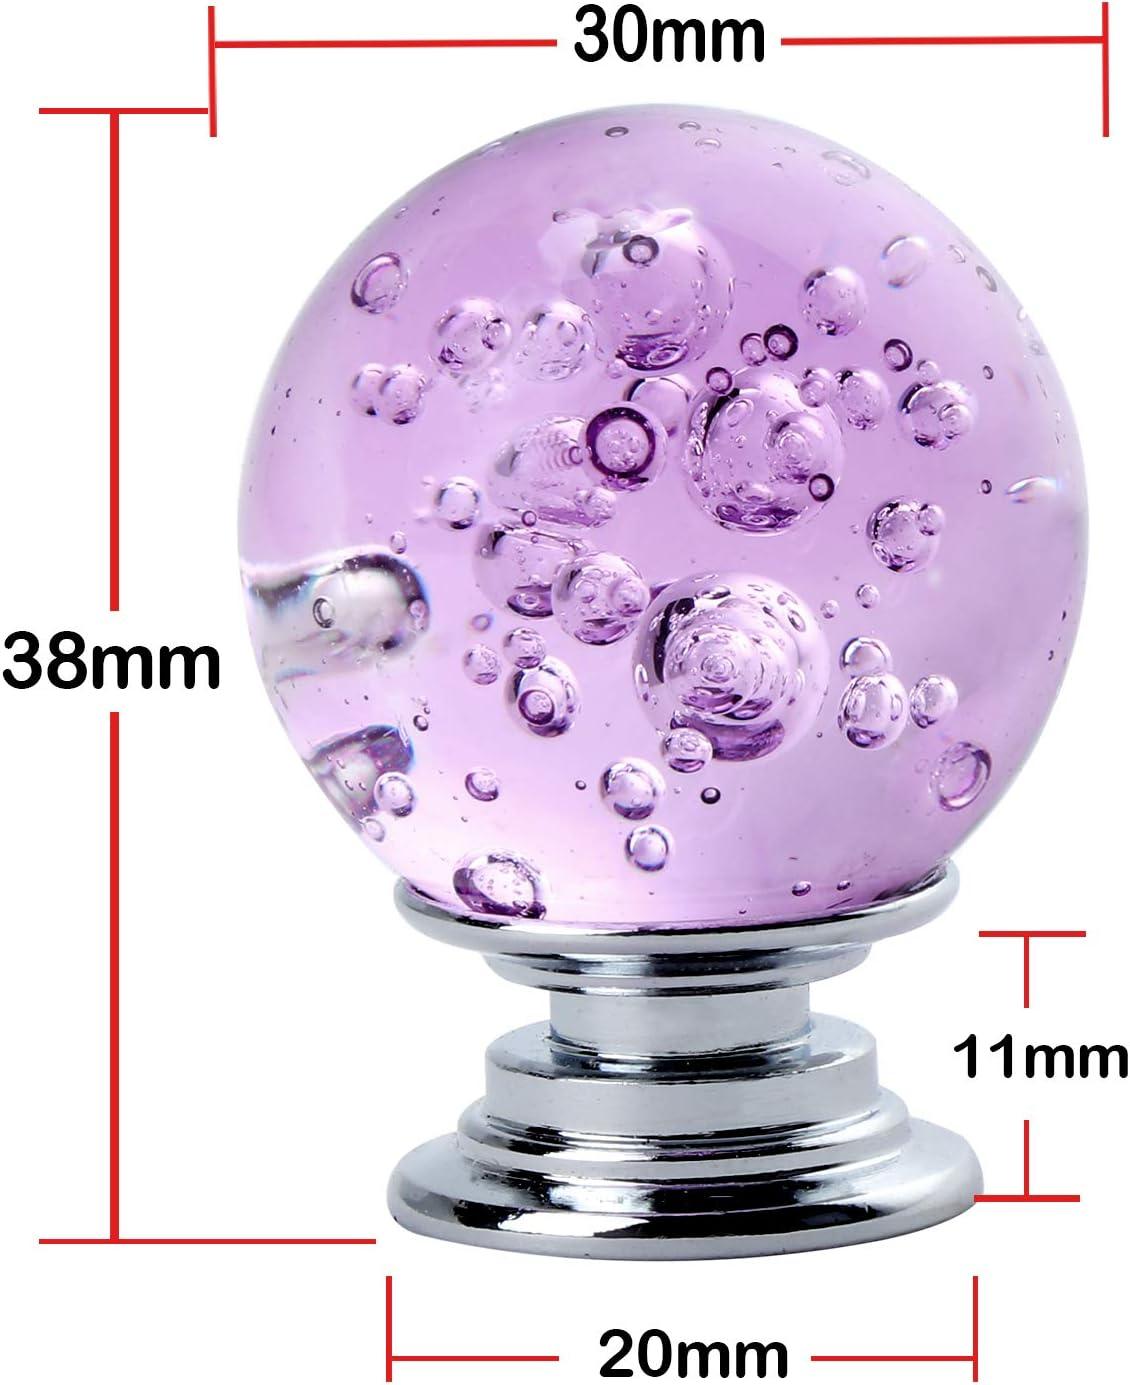 Violett 3,18 cm Durchmesser Glaskristall TsunNee Schubladenkn/öpfe 10 St/ück mit Seifenblasen